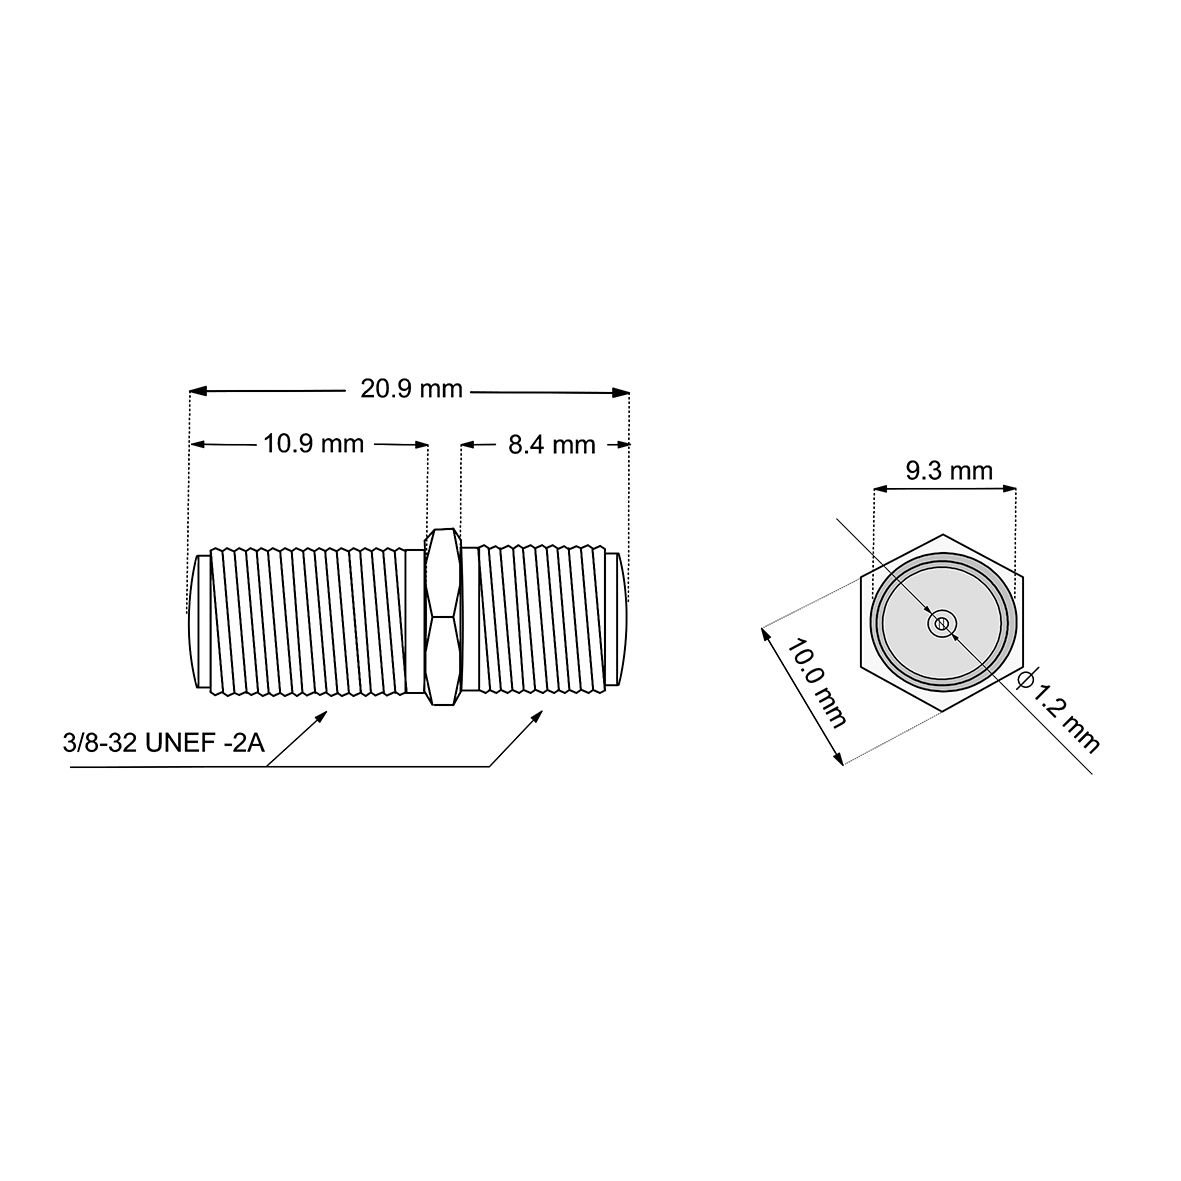 5 St/ück Isolierh/ülle f/ür F-Stecker Gummit/ülle Wetterschutz Isolierung TV Sat Antennen